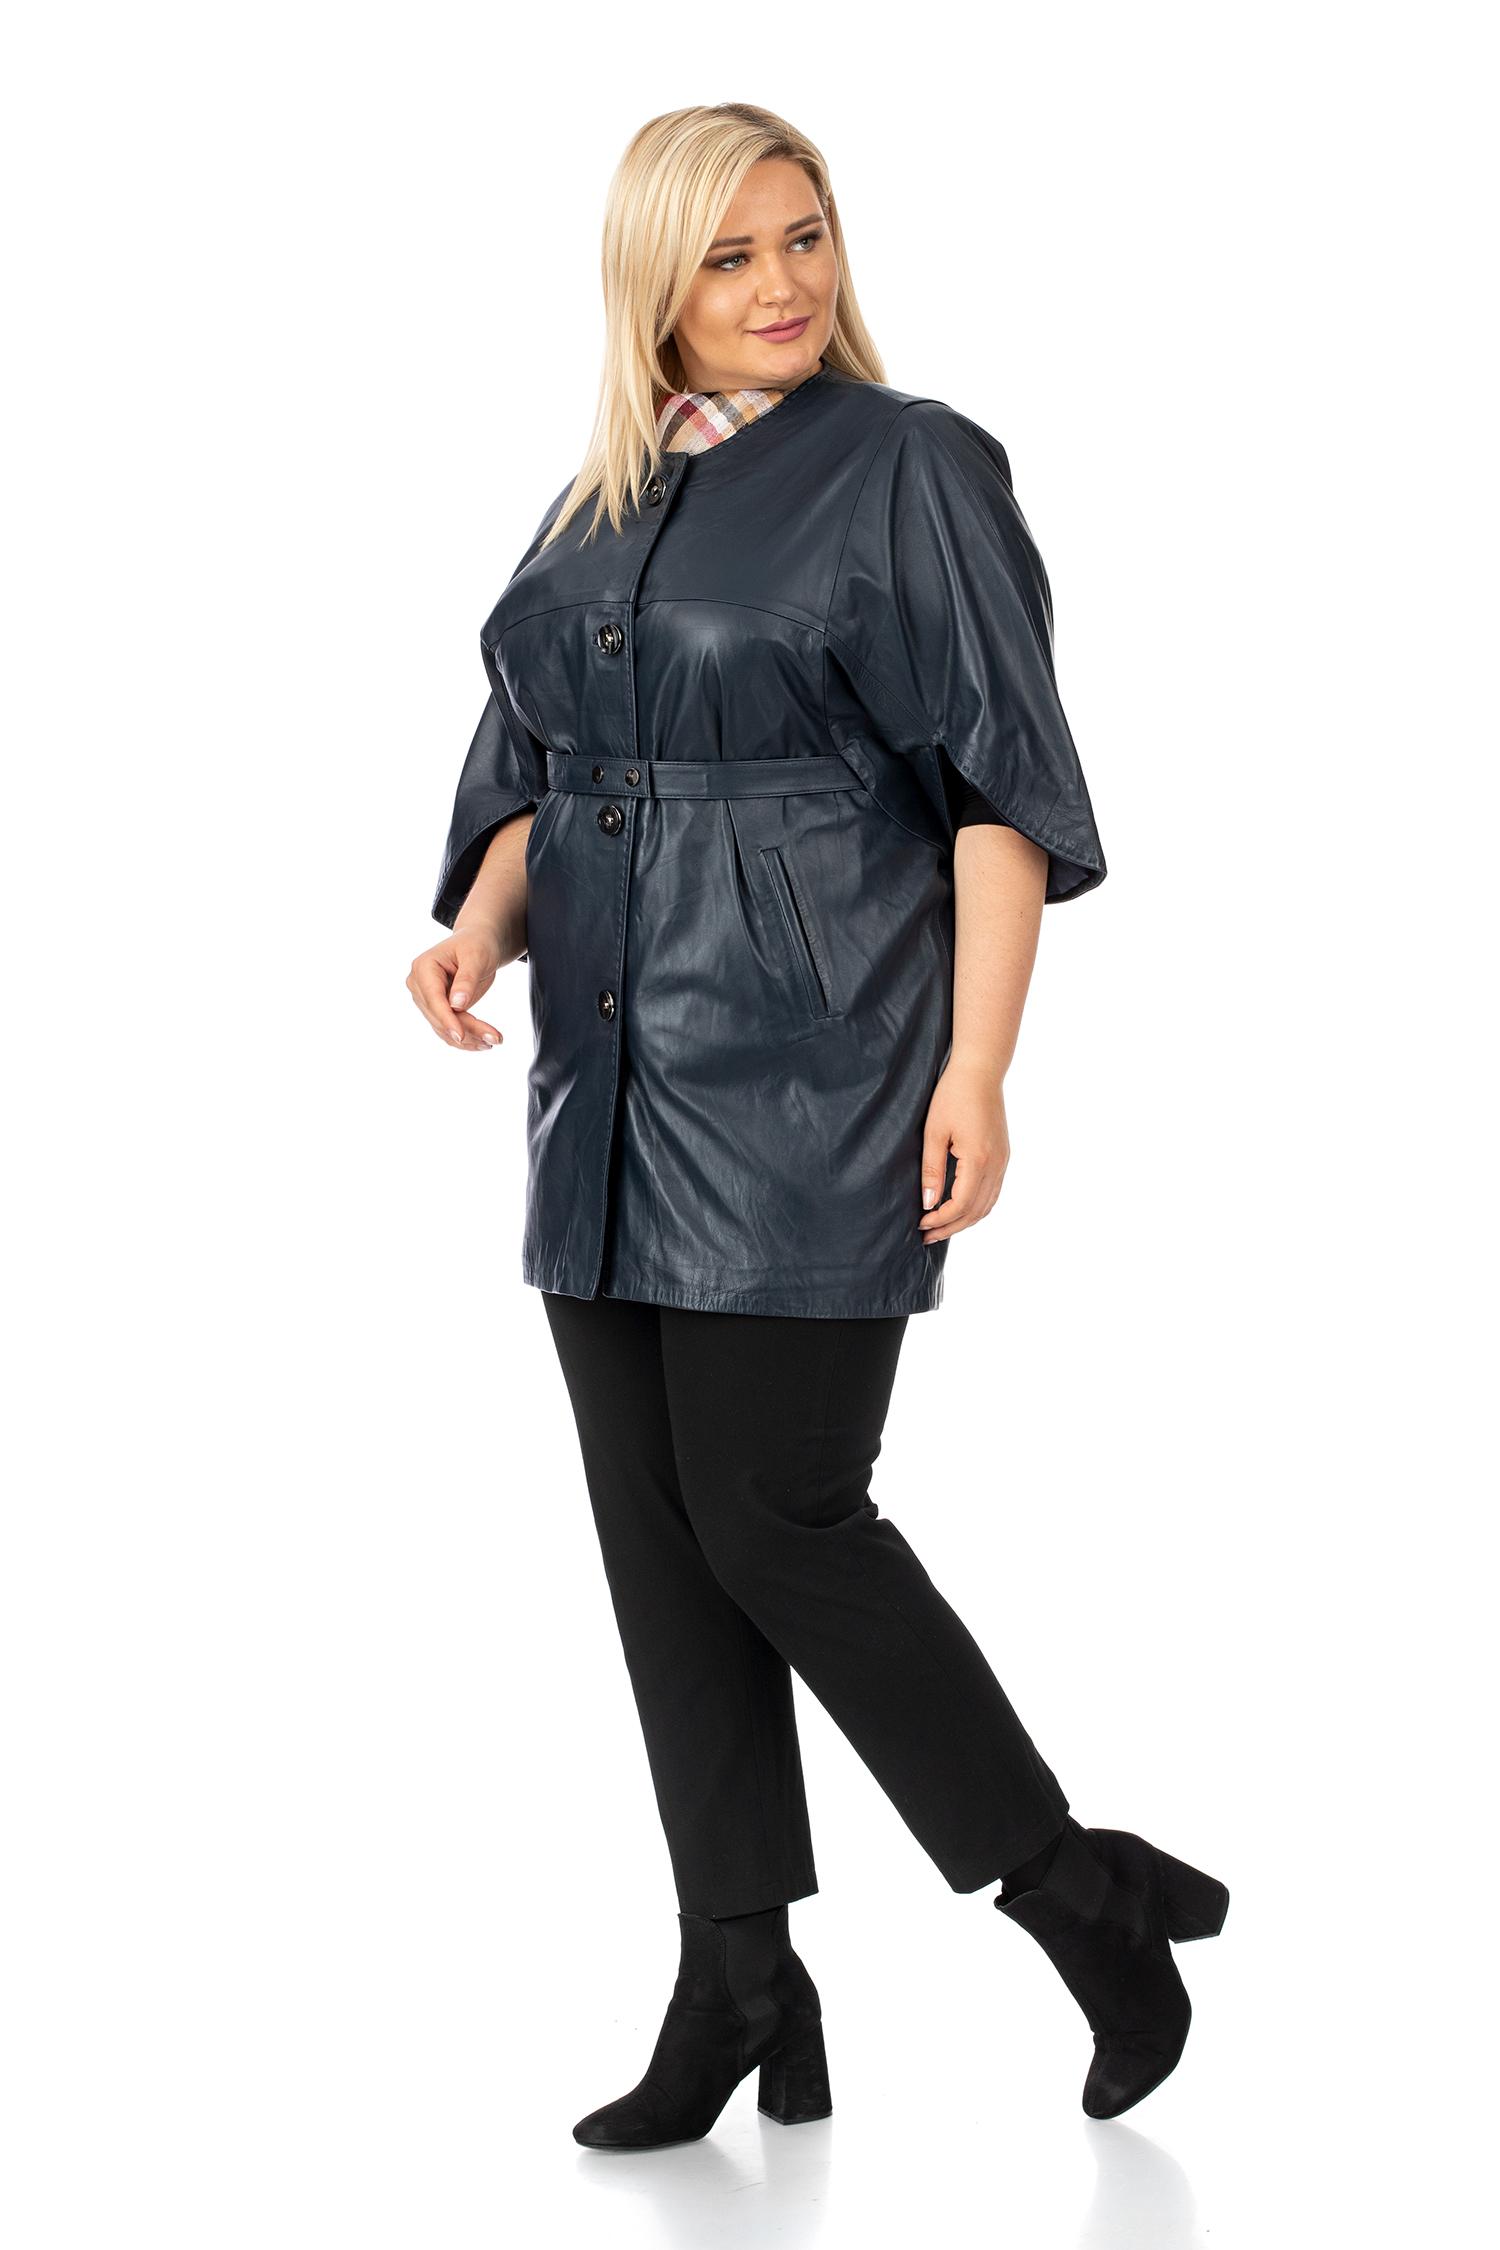 Фото 2 - Женское кожаное пальто из натуральной кожи без воротника от МОСМЕХА синего цвета